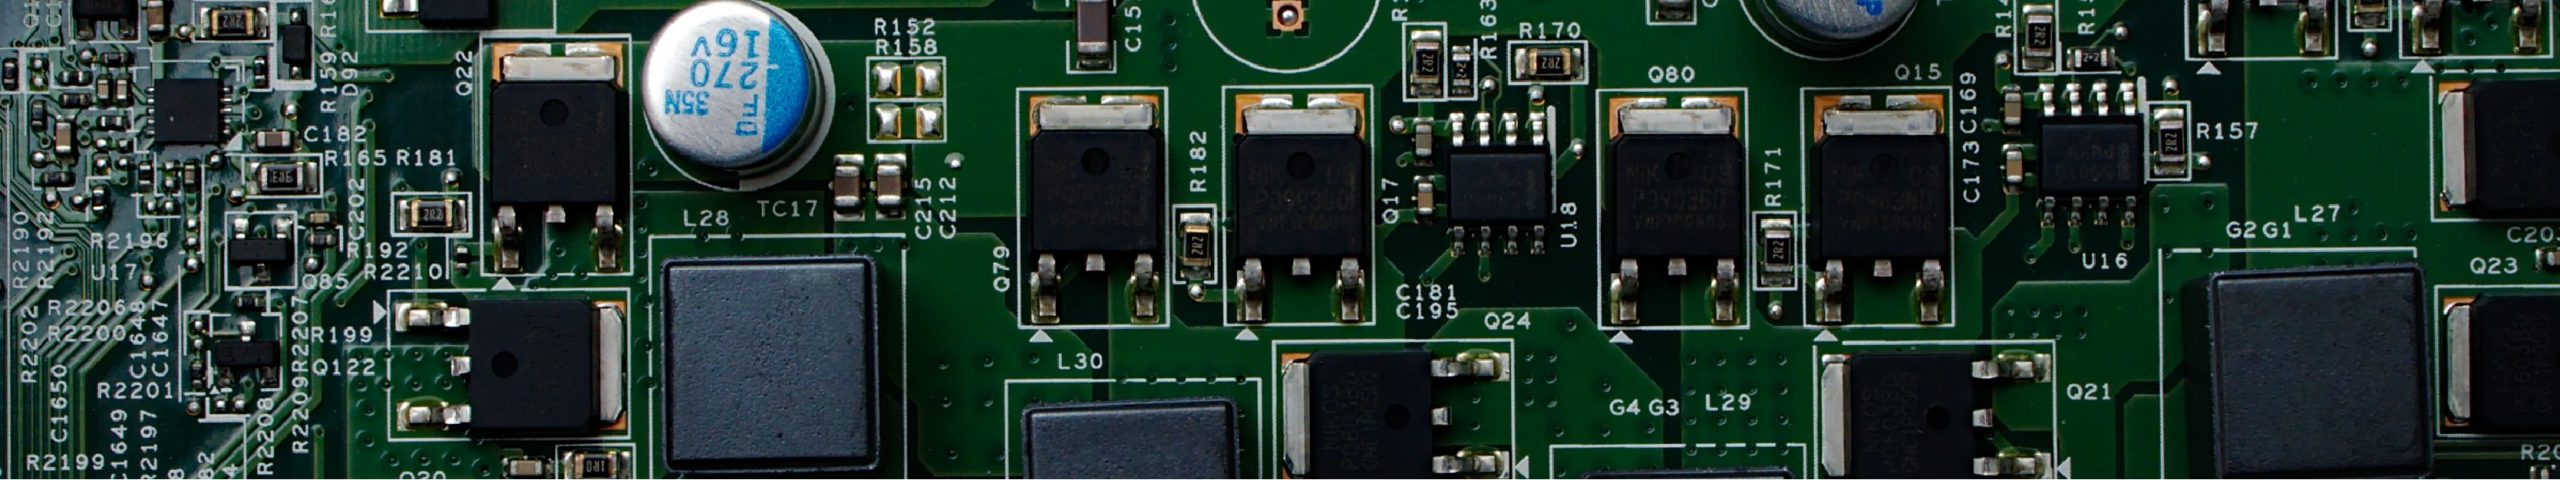 L'intelligence artificielle pour le développement du smart meter